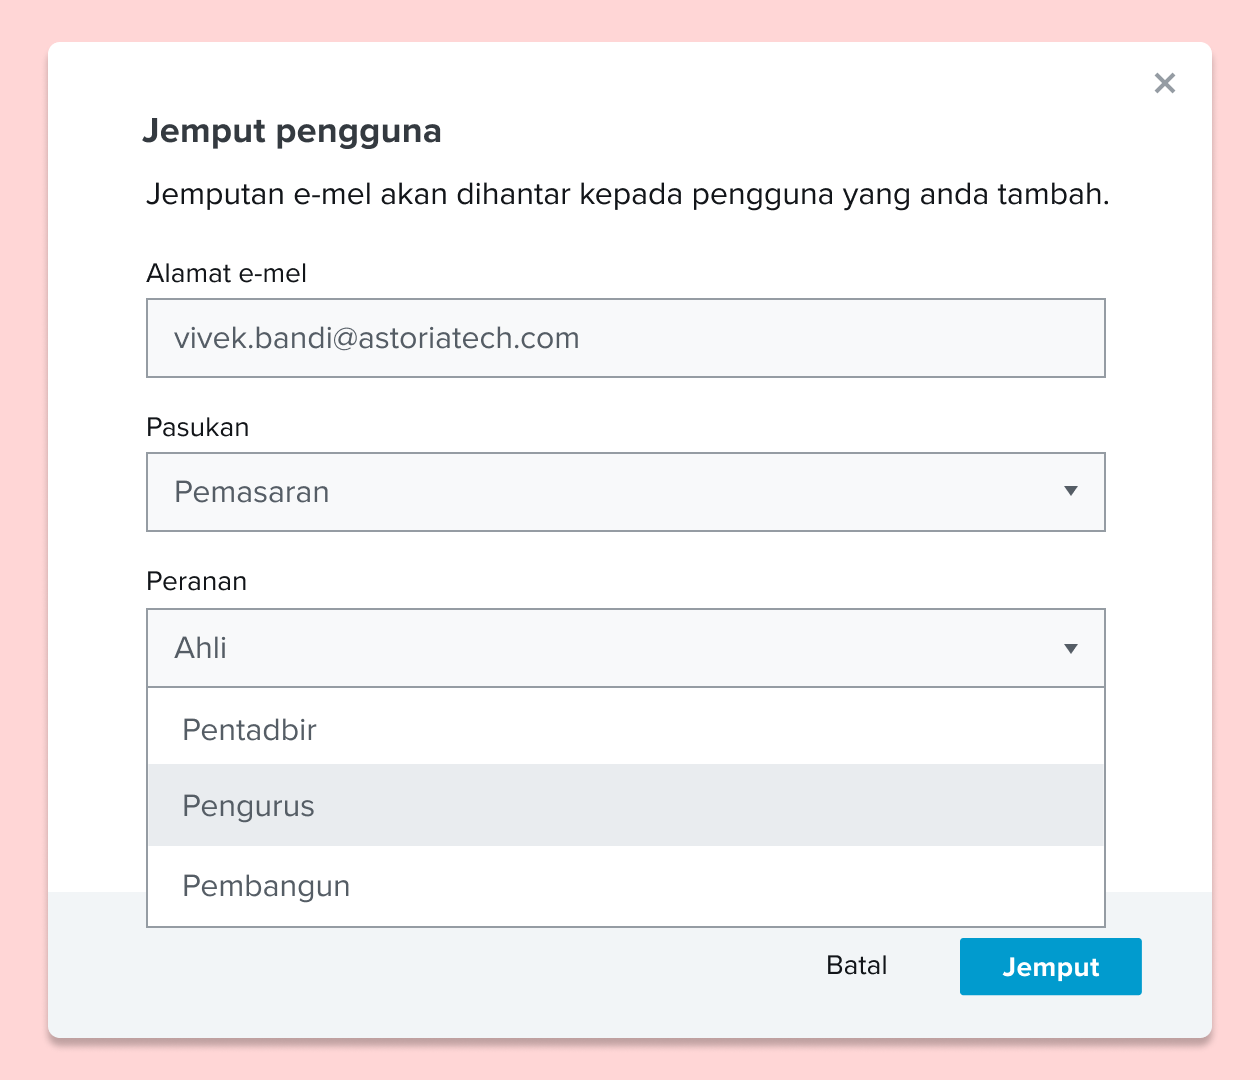 Tangkapan skrin yang menjemput pengguna ke dokumen HelloSign, dan menugaskan mereka peranan